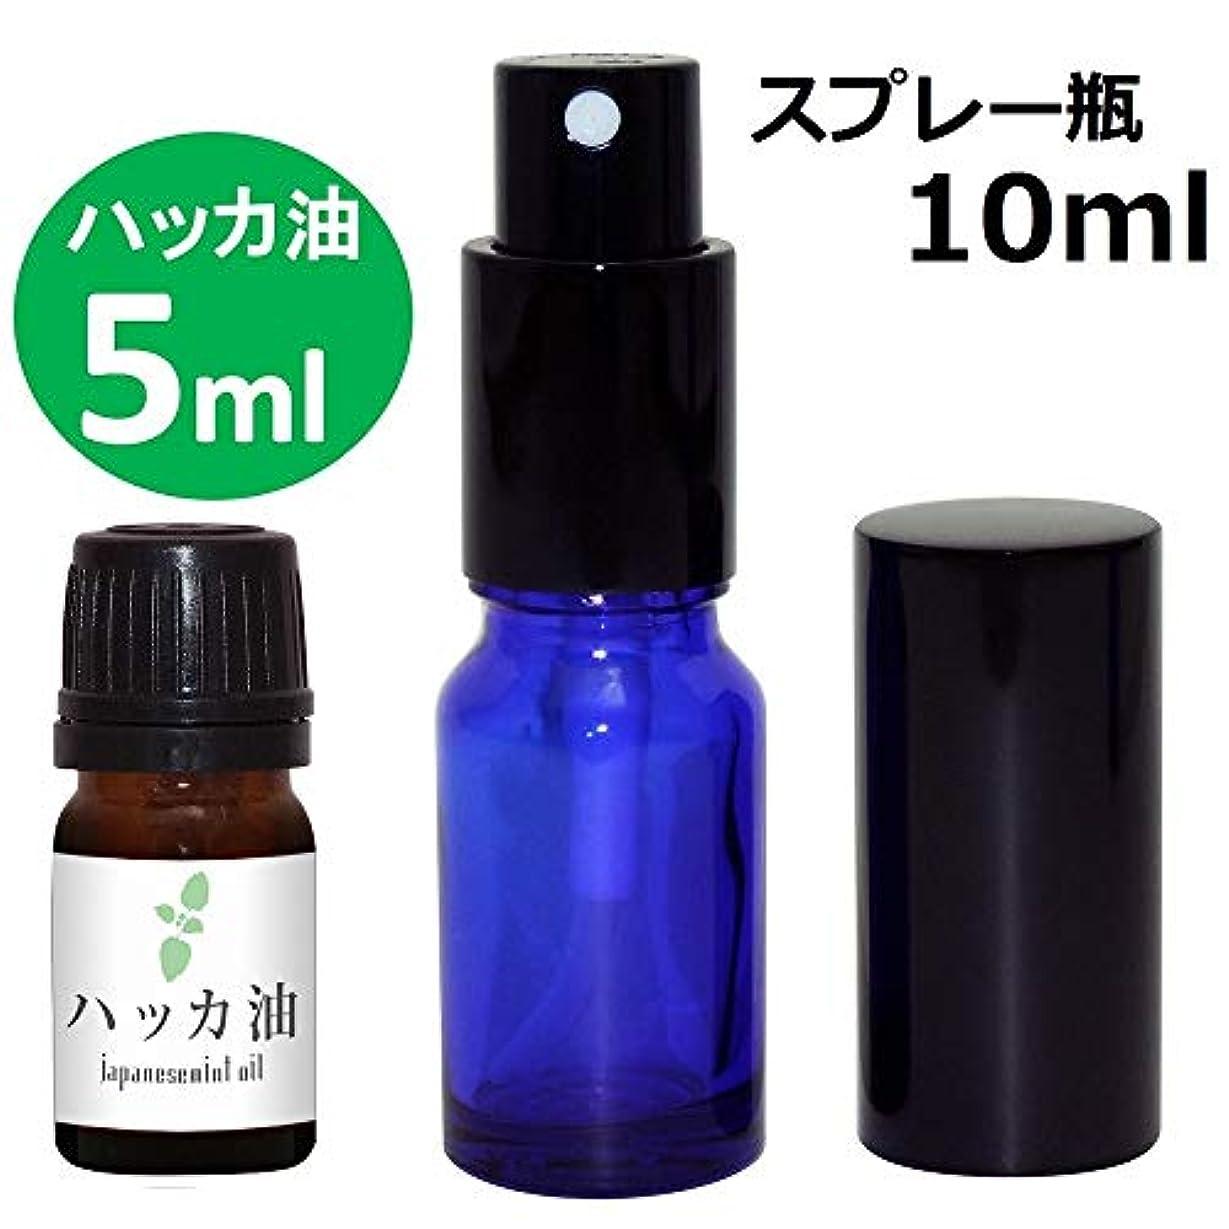 ホイールマザーランドロケットガレージ?ゼロ ハッカ油 5ml(GZAK11)+ガラス瓶 スプレーボトル10ml/和種薄荷/ジャパニーズミント GSE532